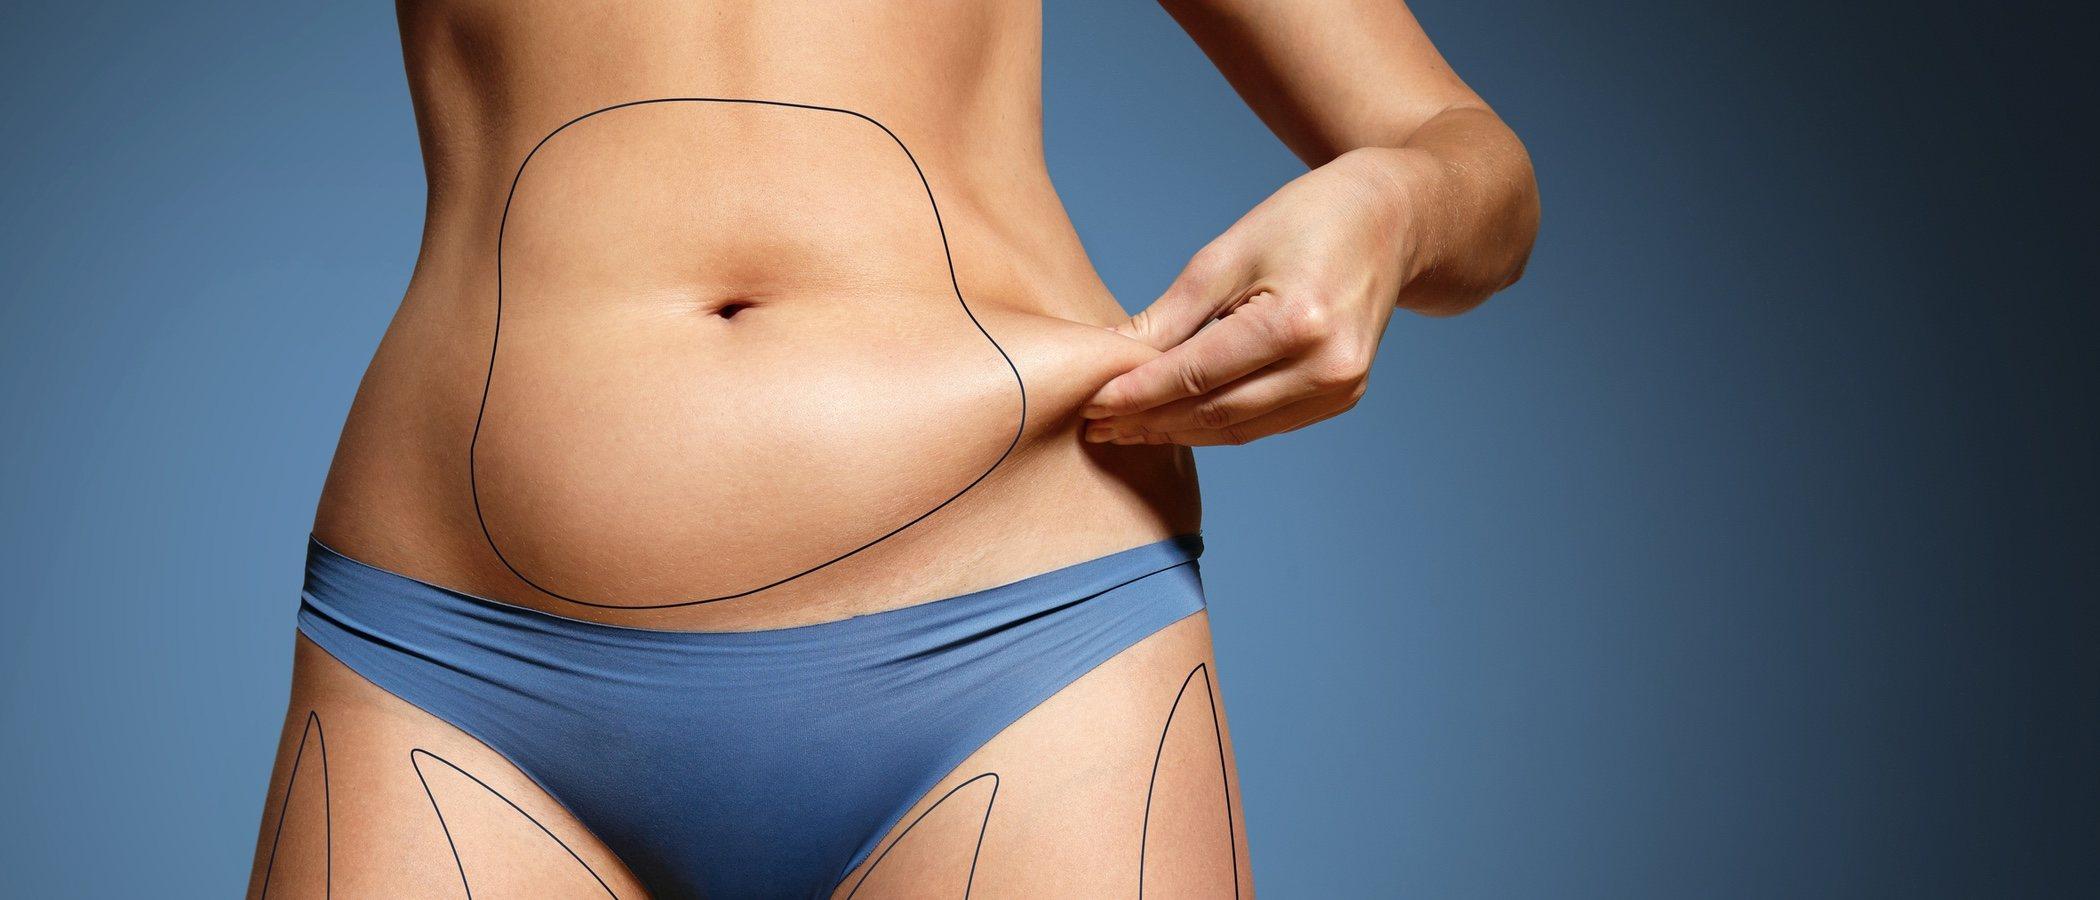 Liposucción: consejos para después de la operación